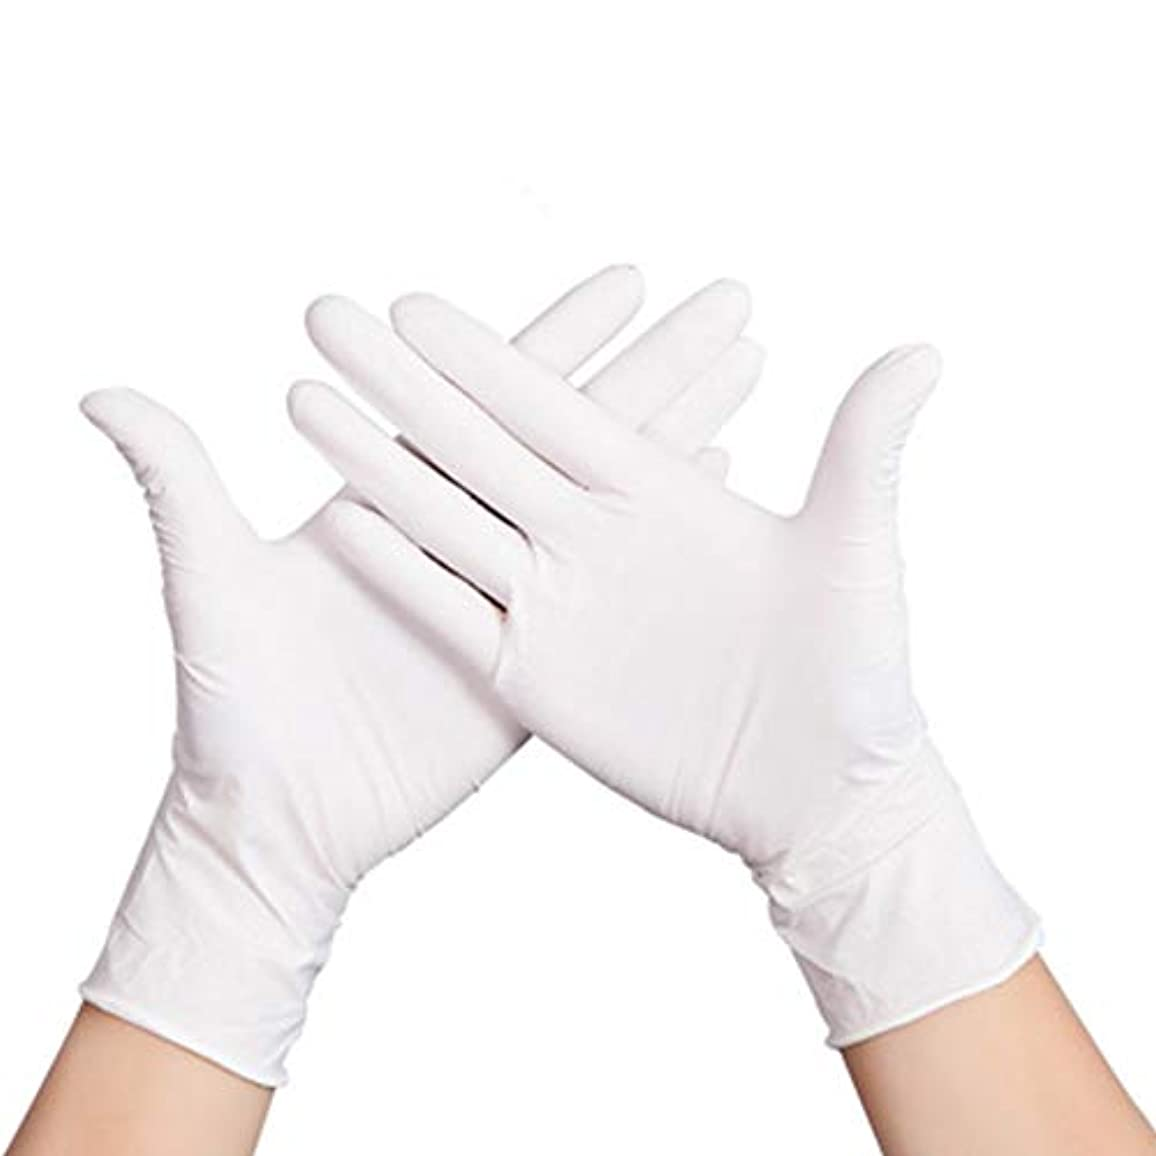 スカルク非公式送る使い捨て白手袋ニトリル手袋by 50ペア、食品、ケータリング、家事、仕事、入れ墨、保護、ゴム、ラテックス手袋、商業用